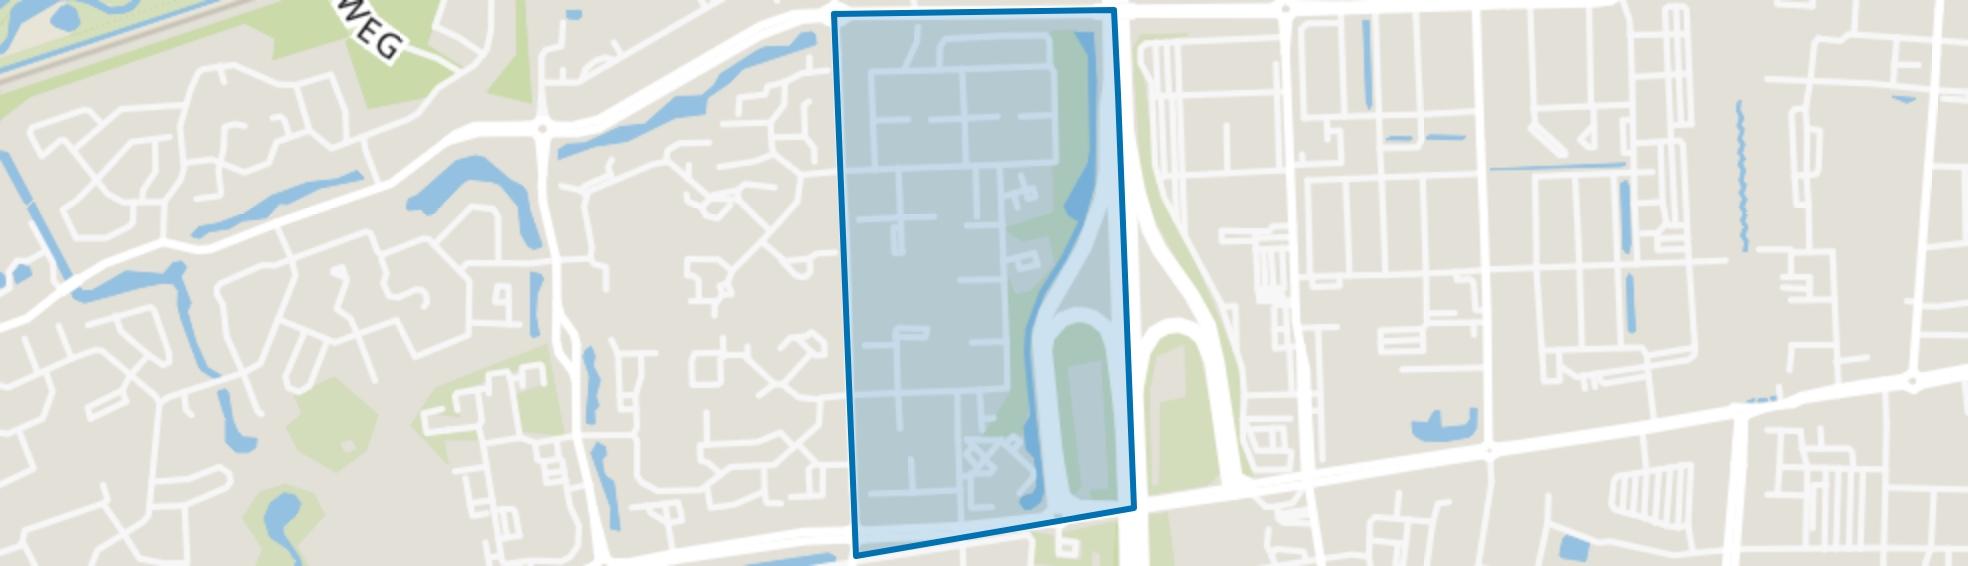 Schoonvelde-Oost, Hoogeveen map